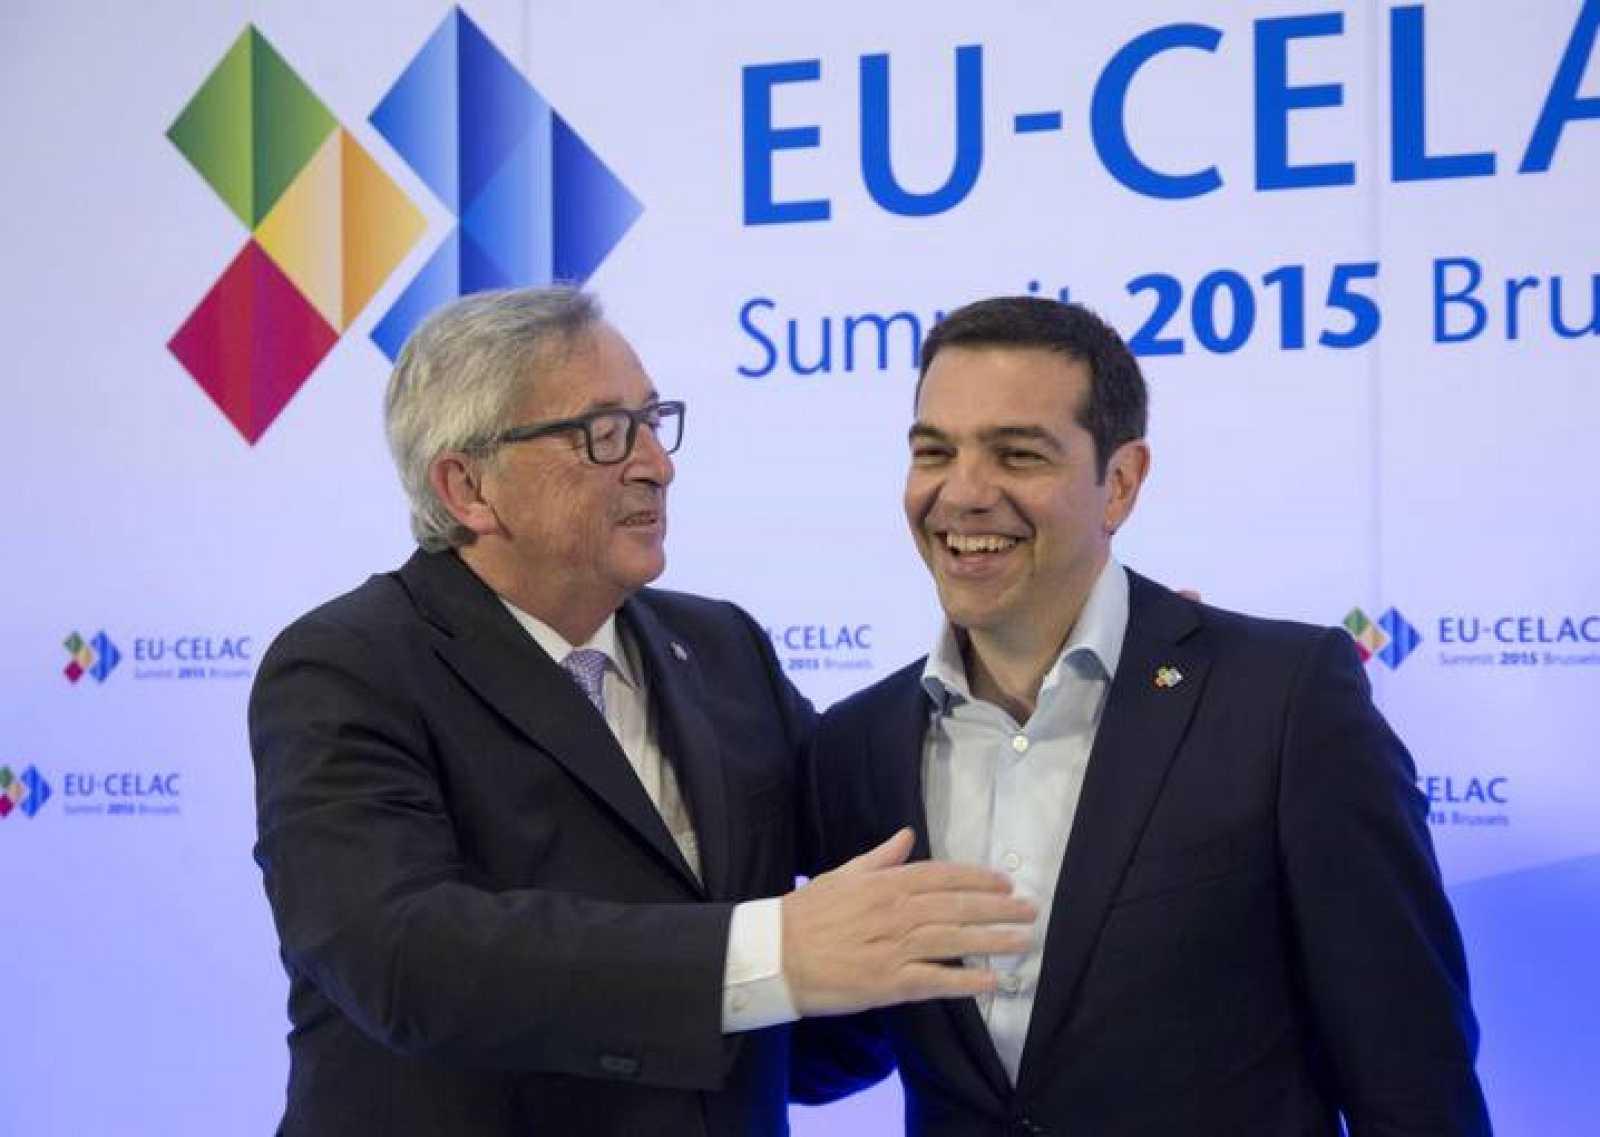 El primer ministro griego, Alexis Tsipras, y el presidente de la Comisión Europea, Jean-Claude Juncker